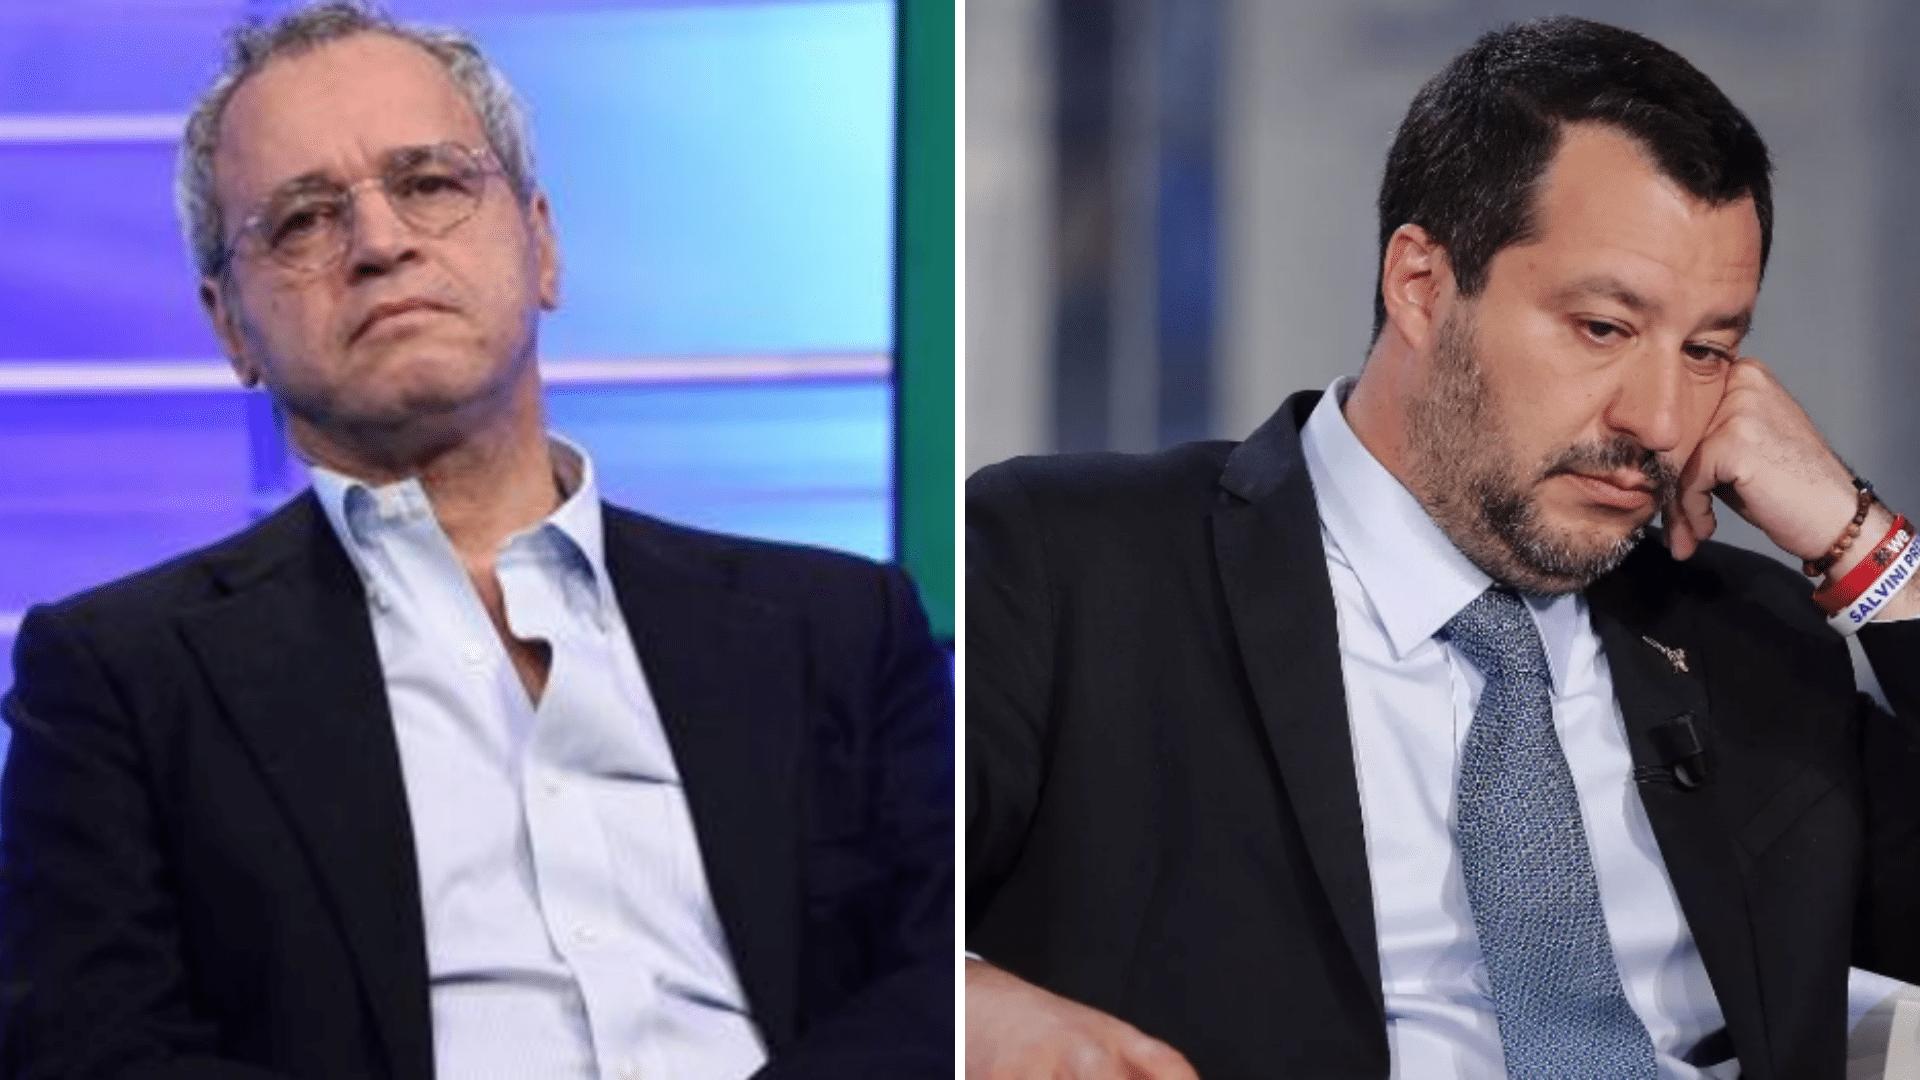 Mentana ha risposto alle critiche di Salvini sul tg La7